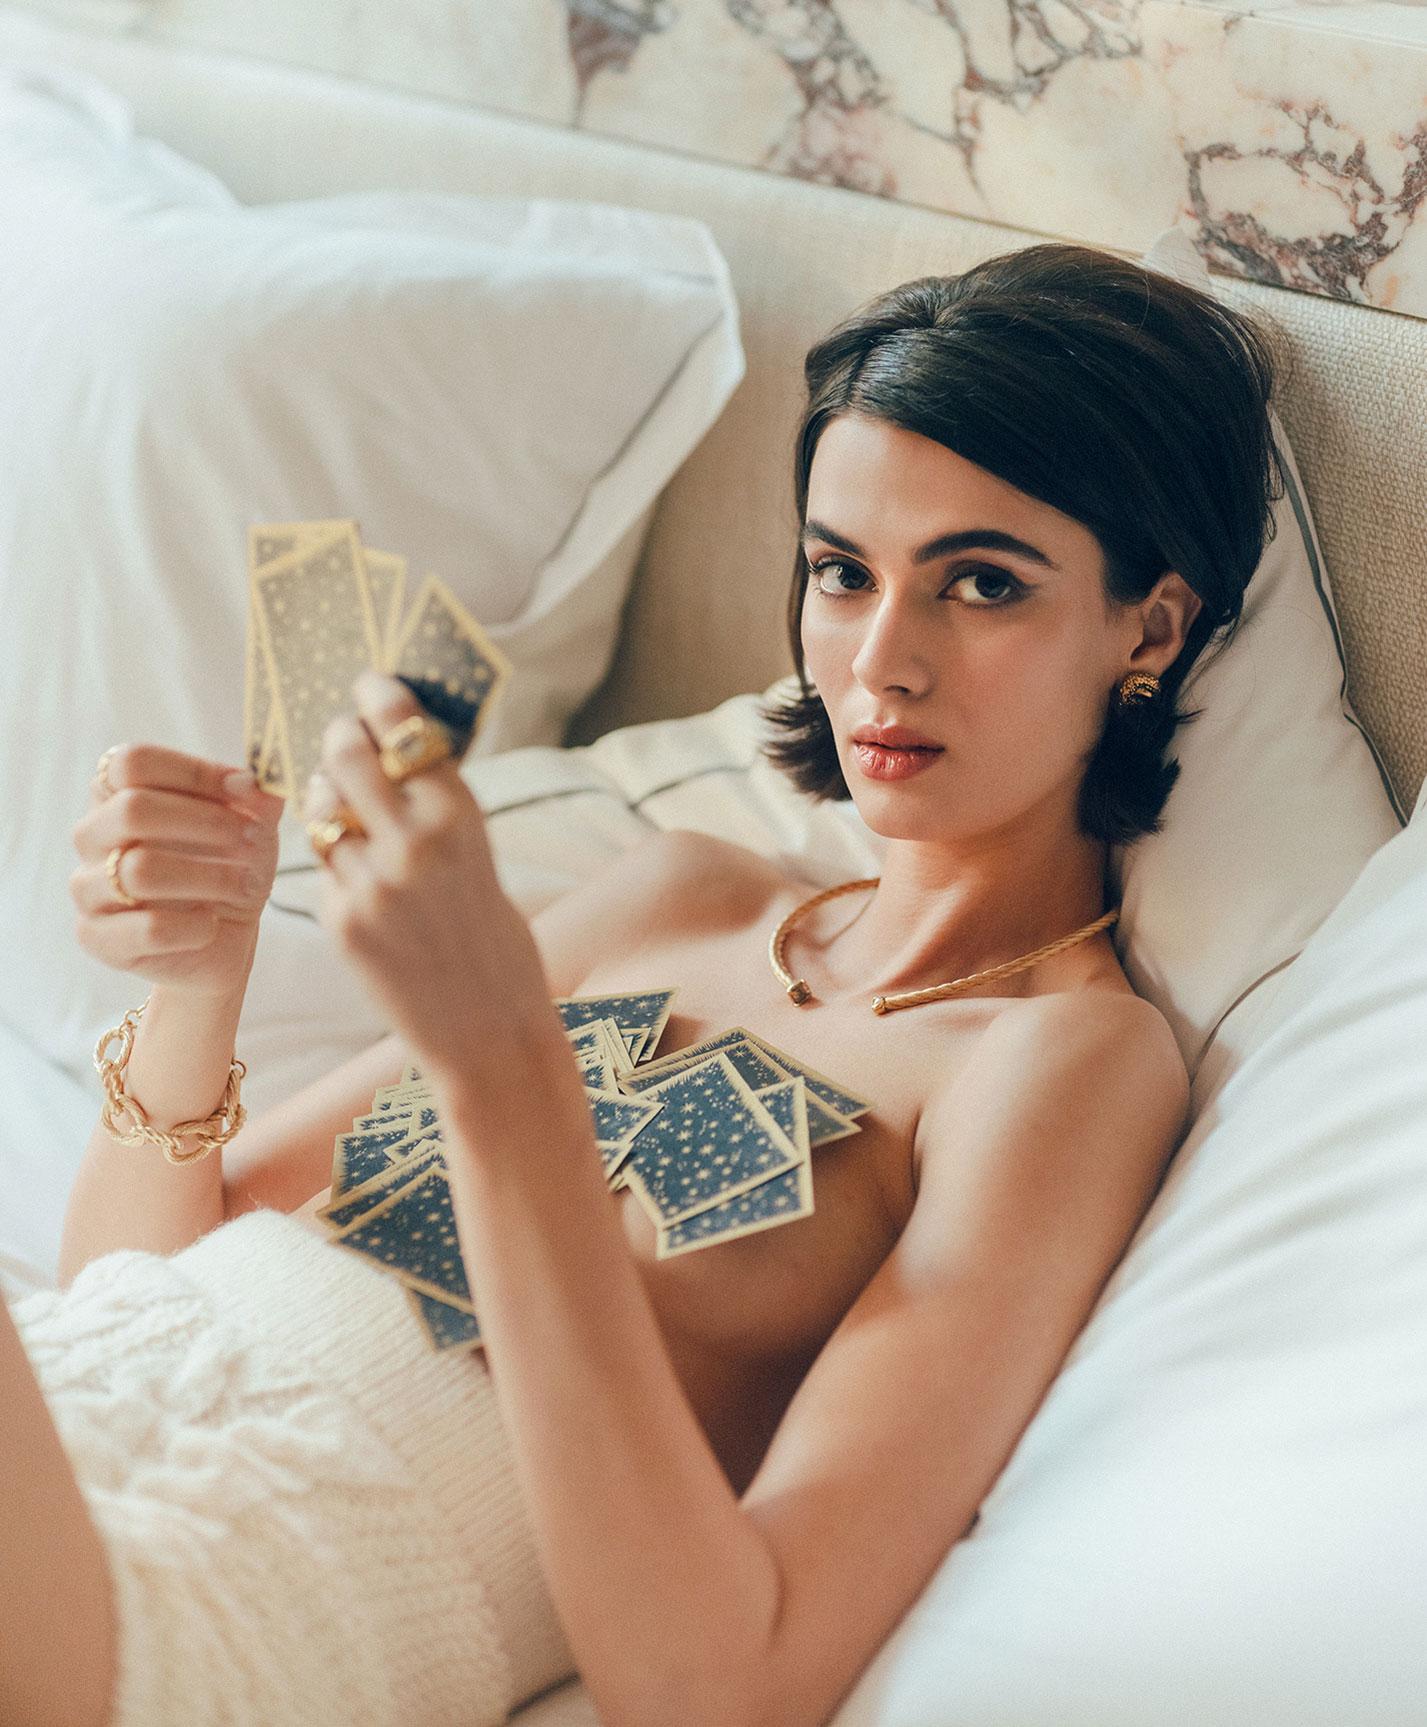 рекламная кампания парижского ювелирного бренда Bonanza / фото 05